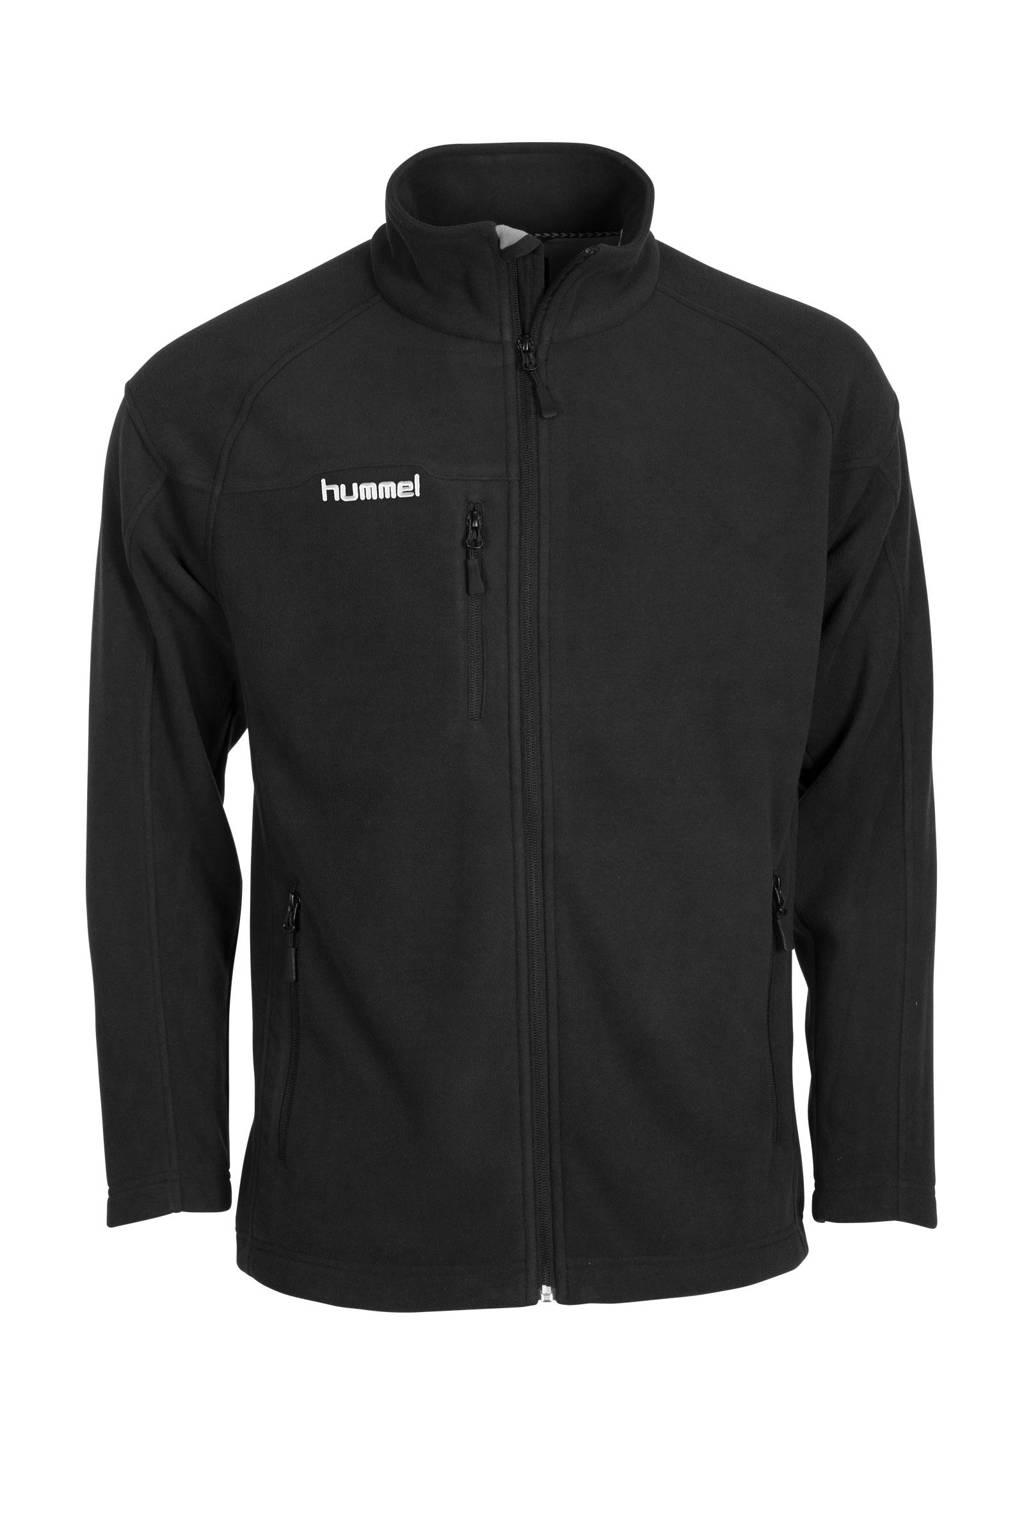 hummel   fleece vest, Zwart